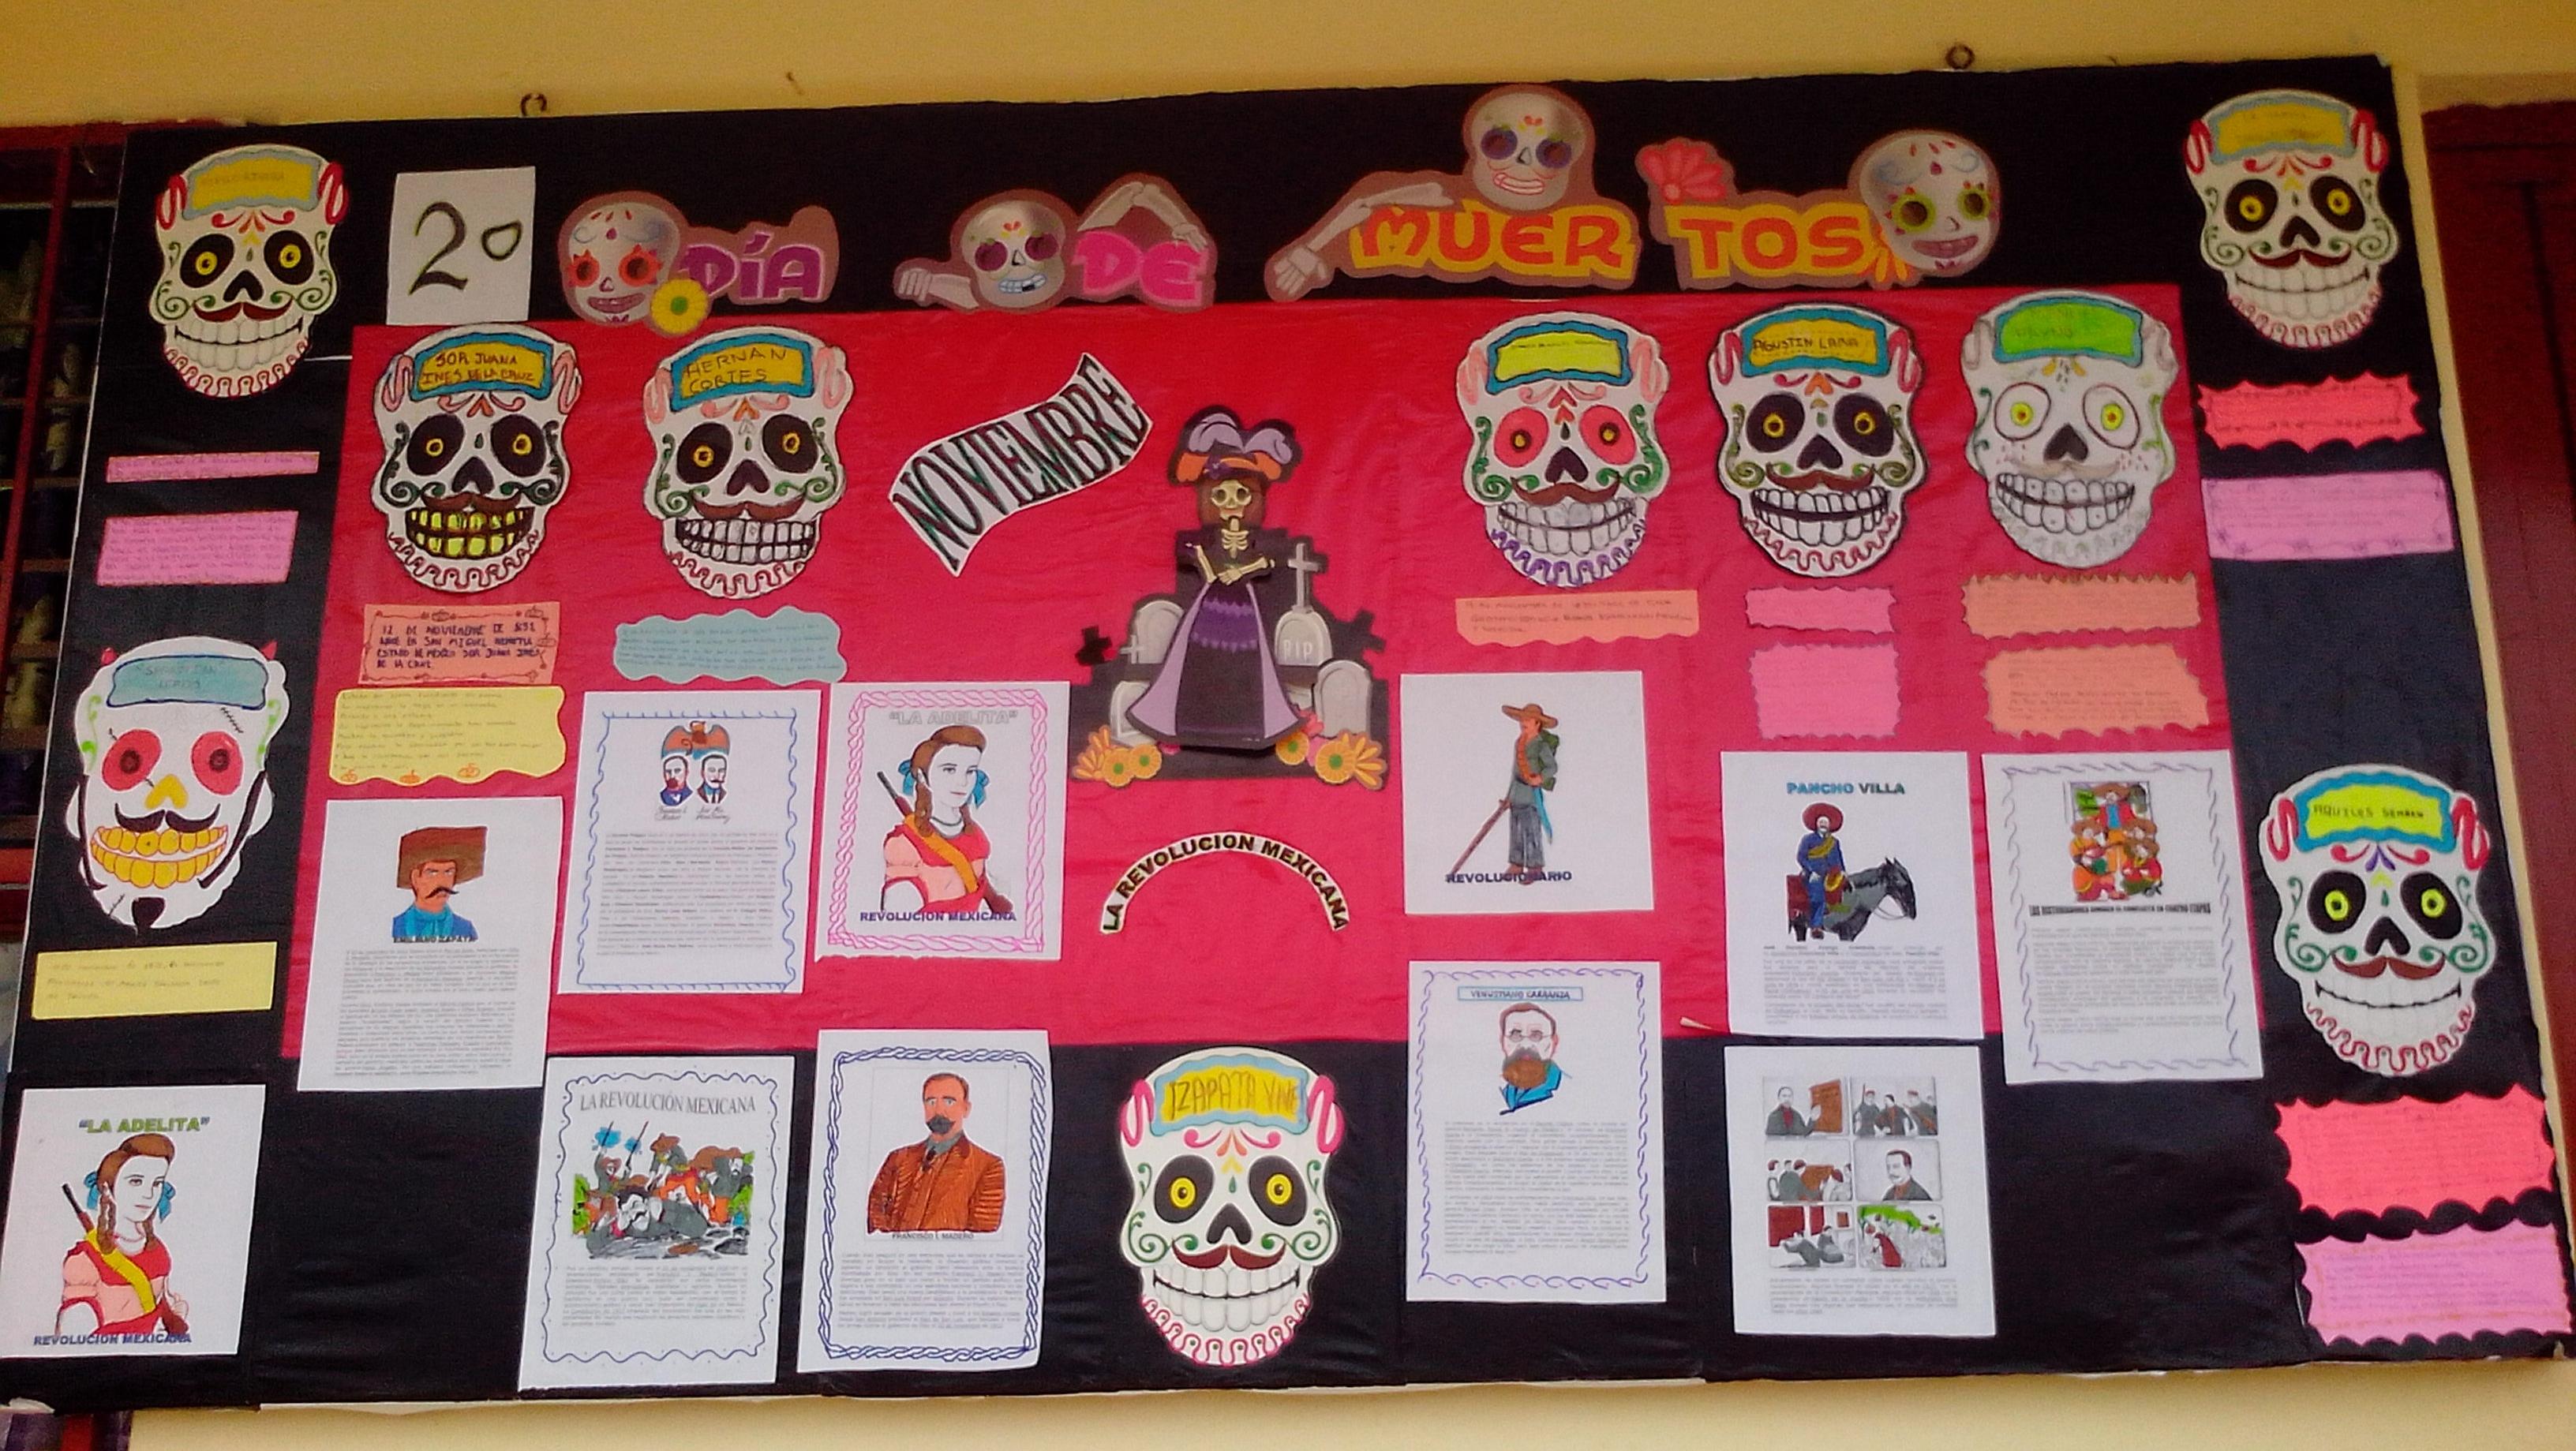 Periodico mural noviembre 8 imagenes educativas for Como elaborar un periodico mural